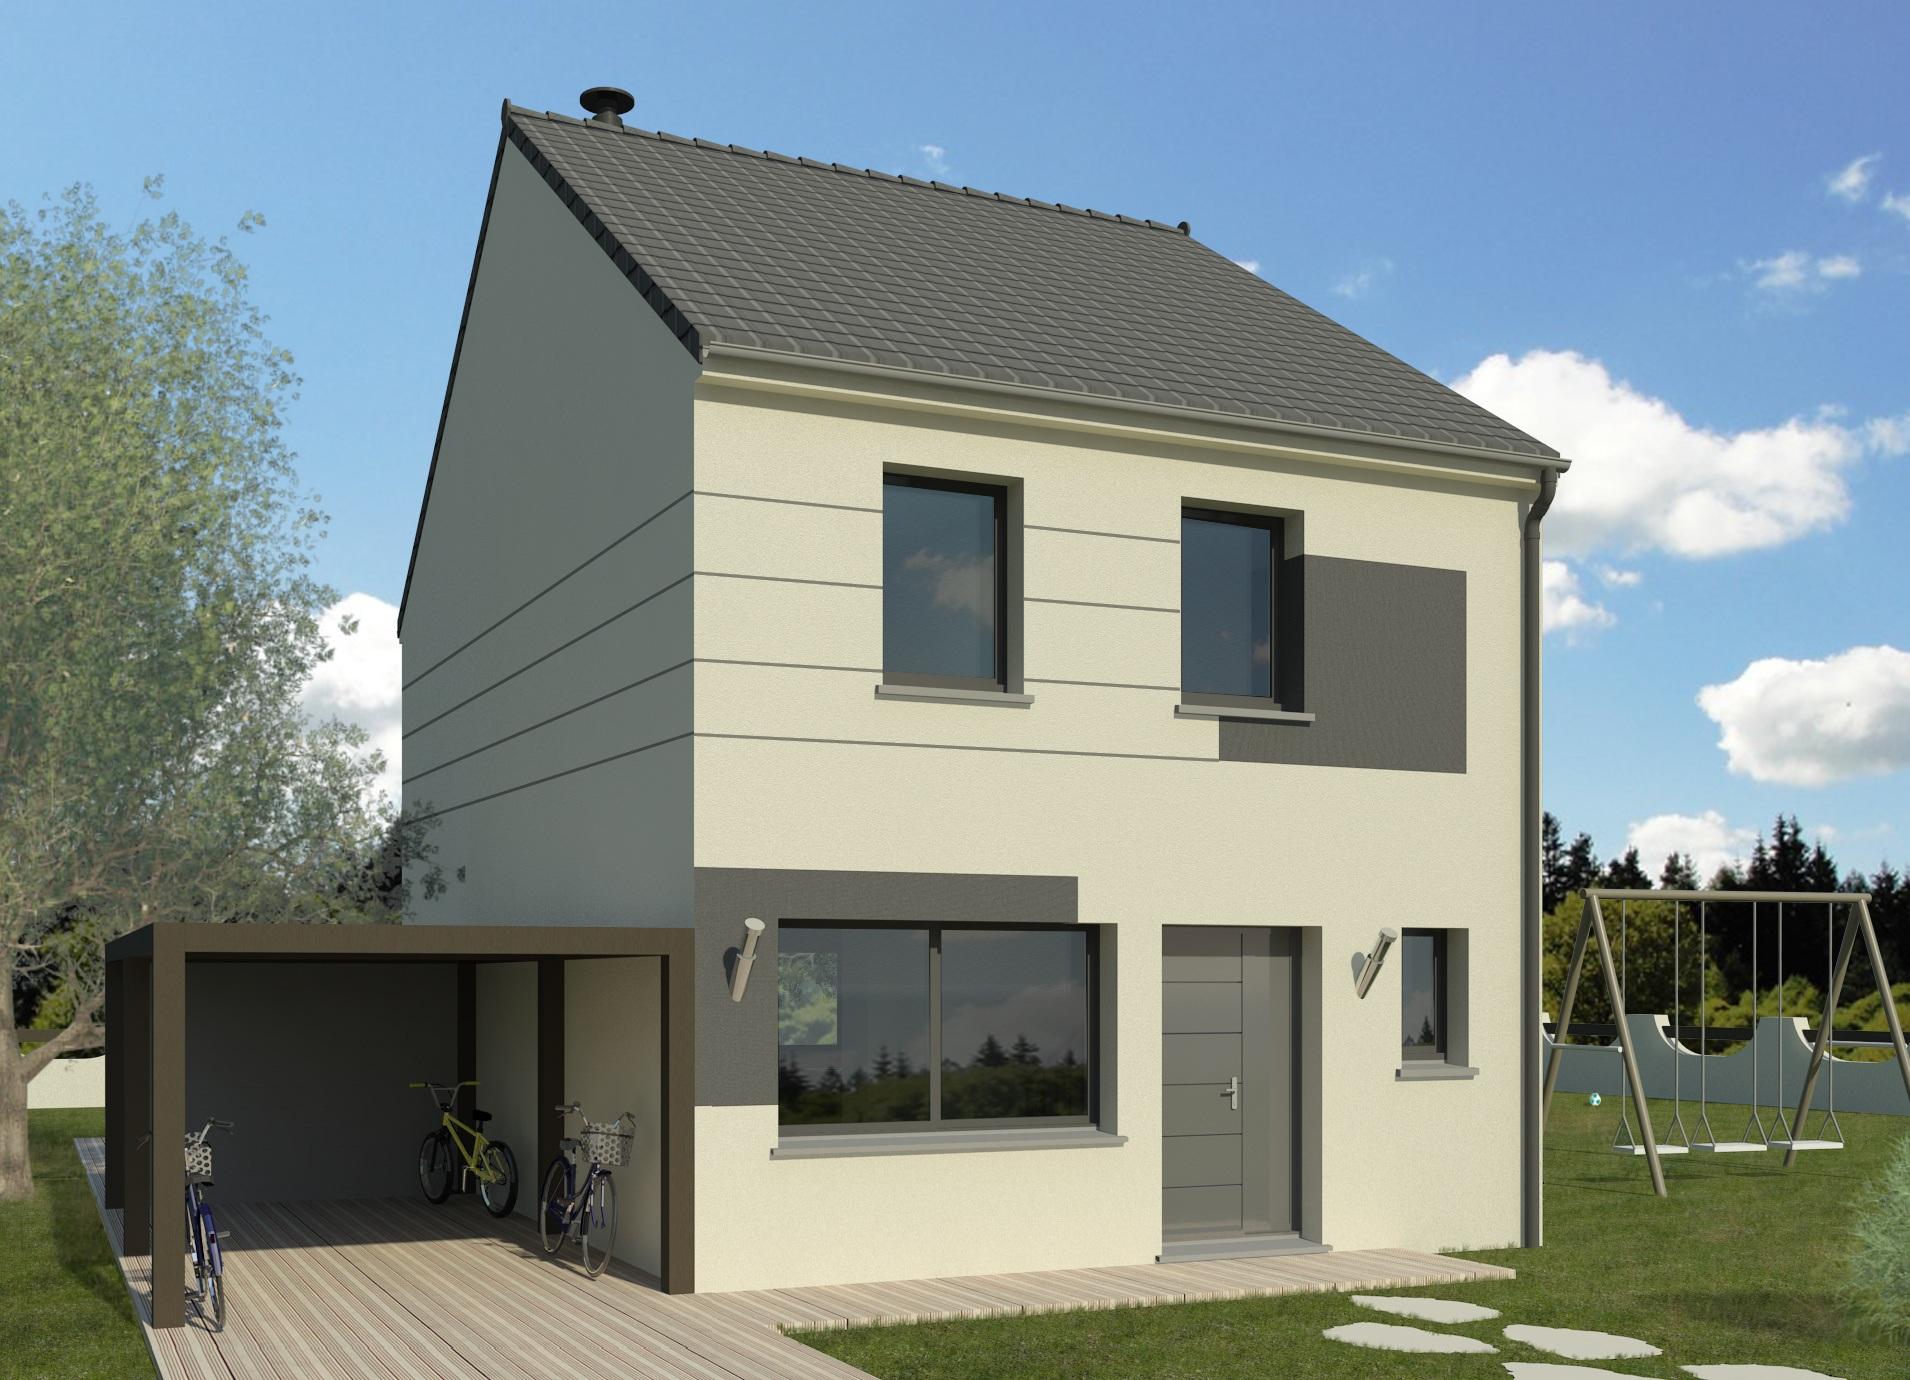 Maisons + Terrains du constructeur MAISON FAMILIALE • 110 m² • COIGNIERES